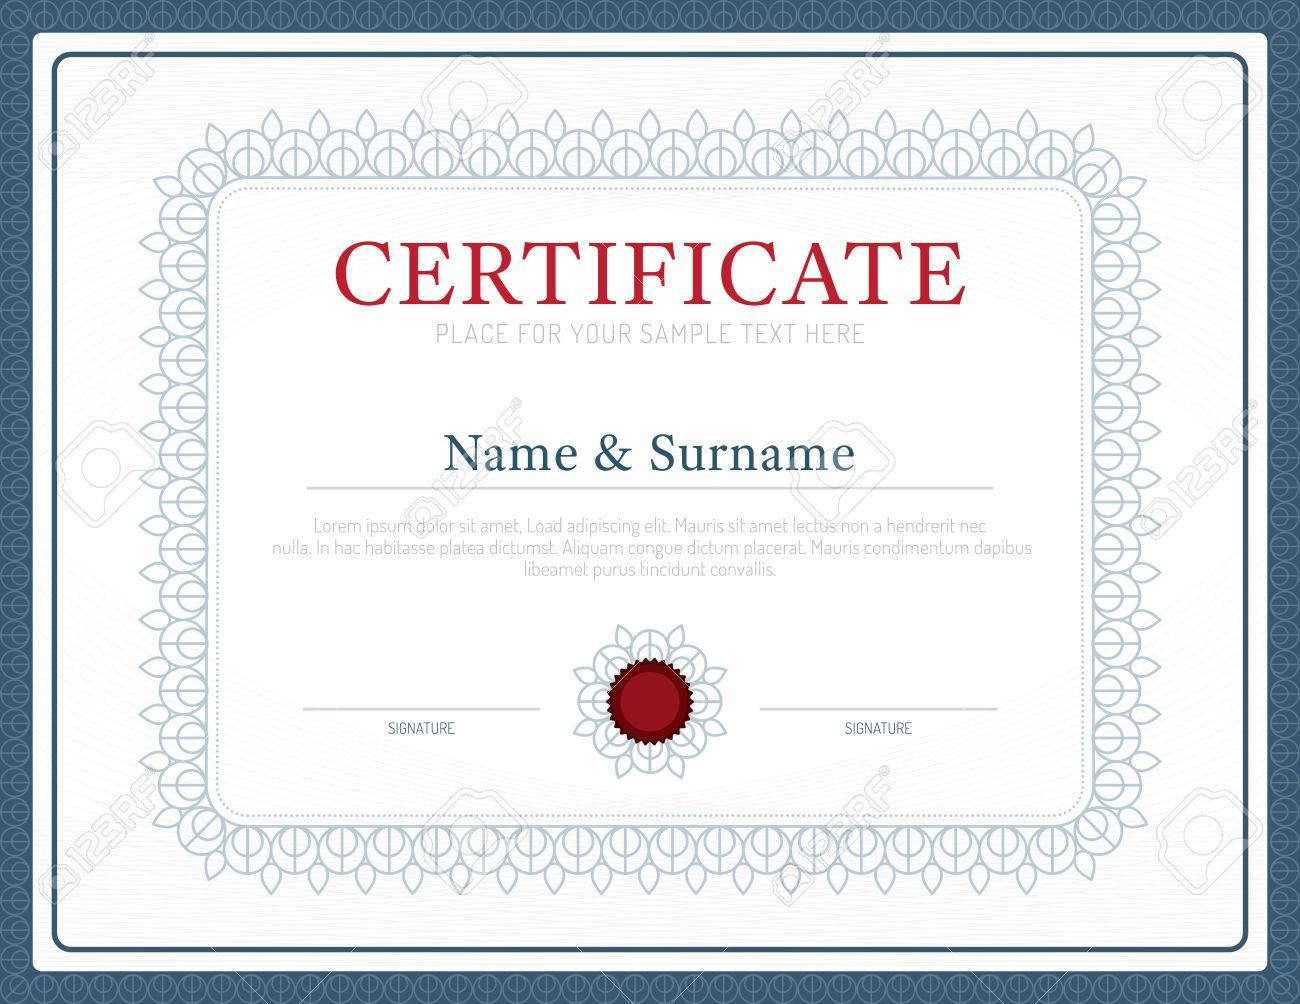 Plantilla De Certificado De Antecedentes Diseño De Diseño Del Vector ...